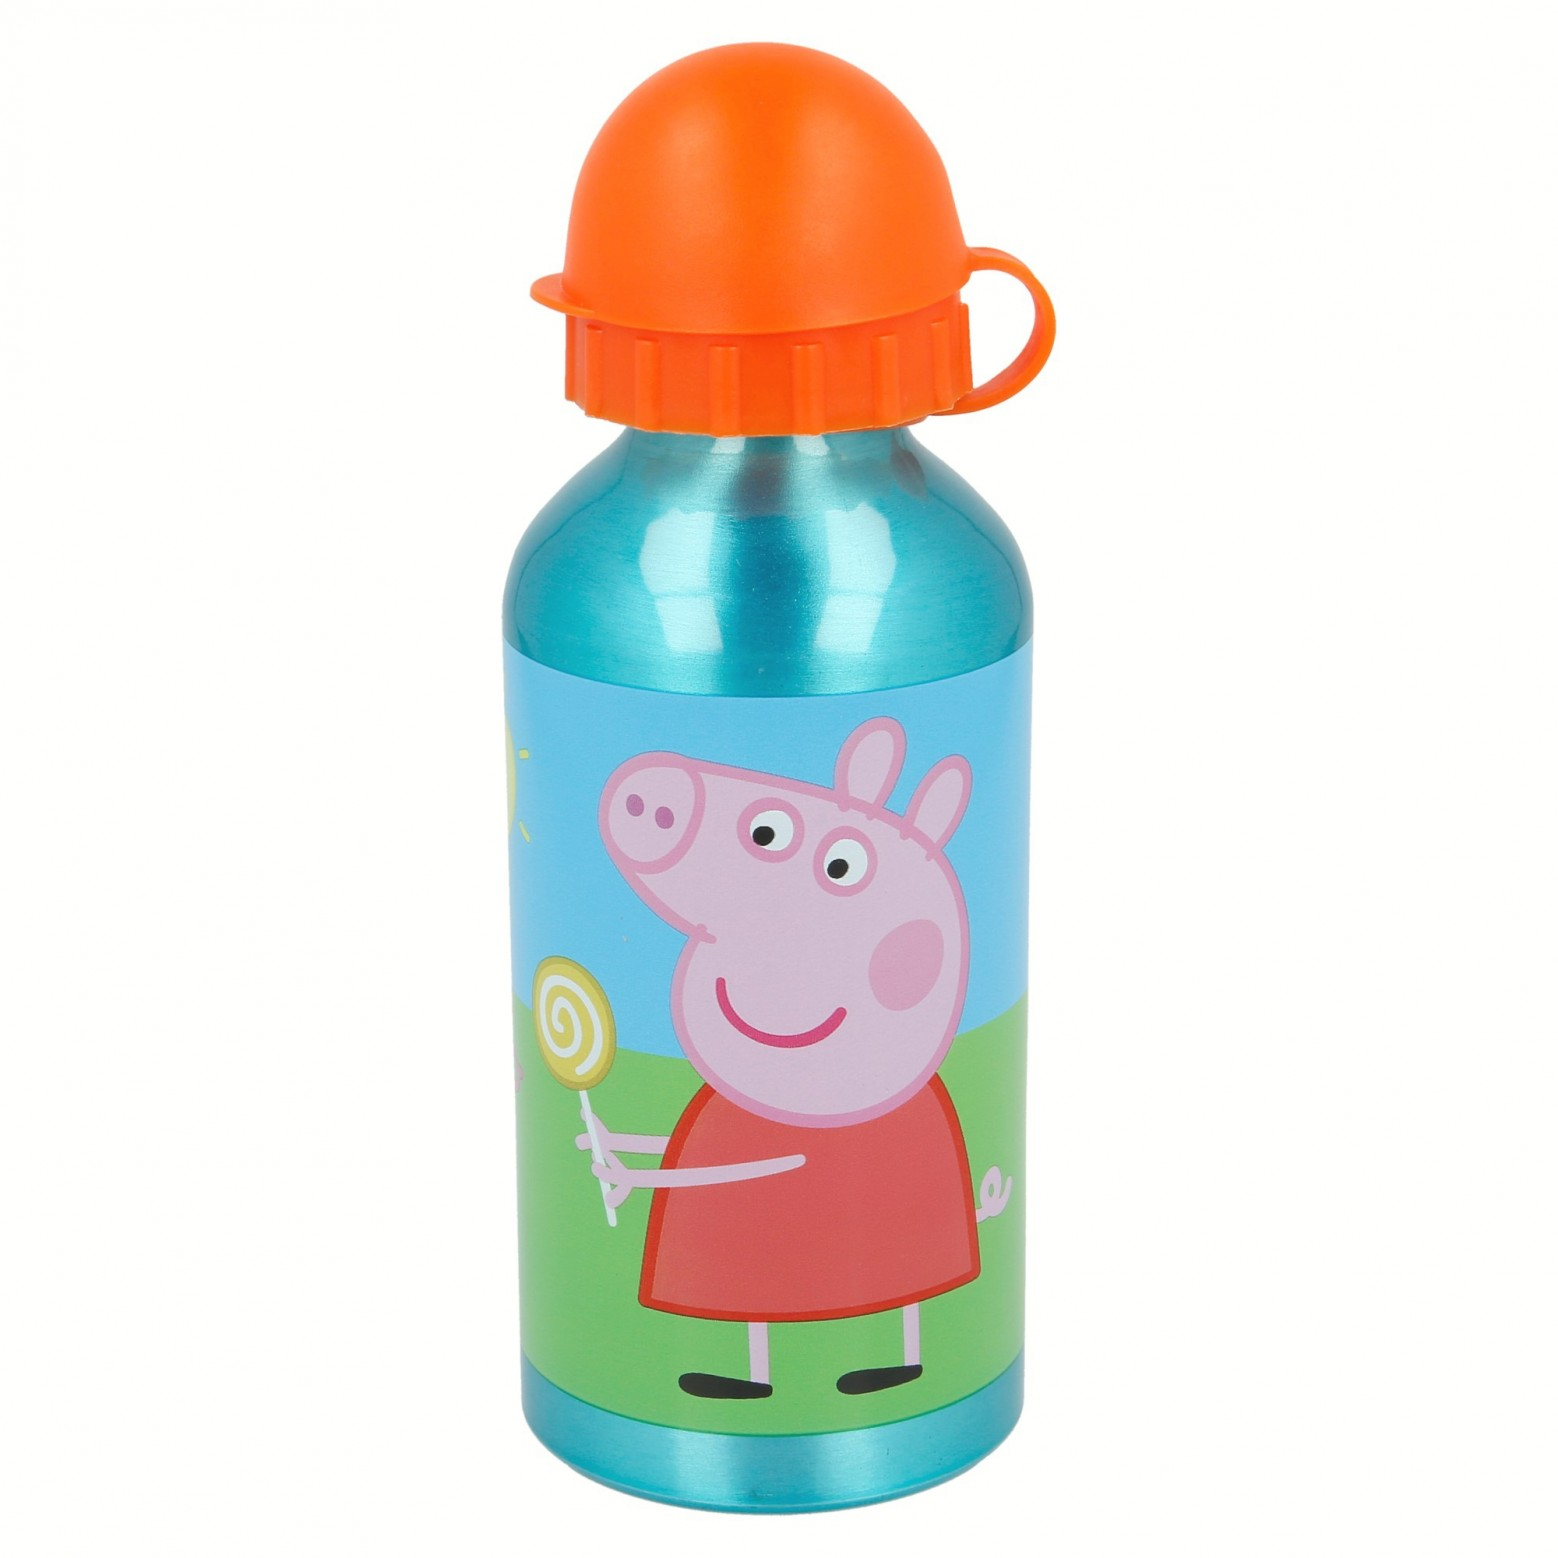 Peppa Pig grote broodtrommel met aluminium drinkbeker